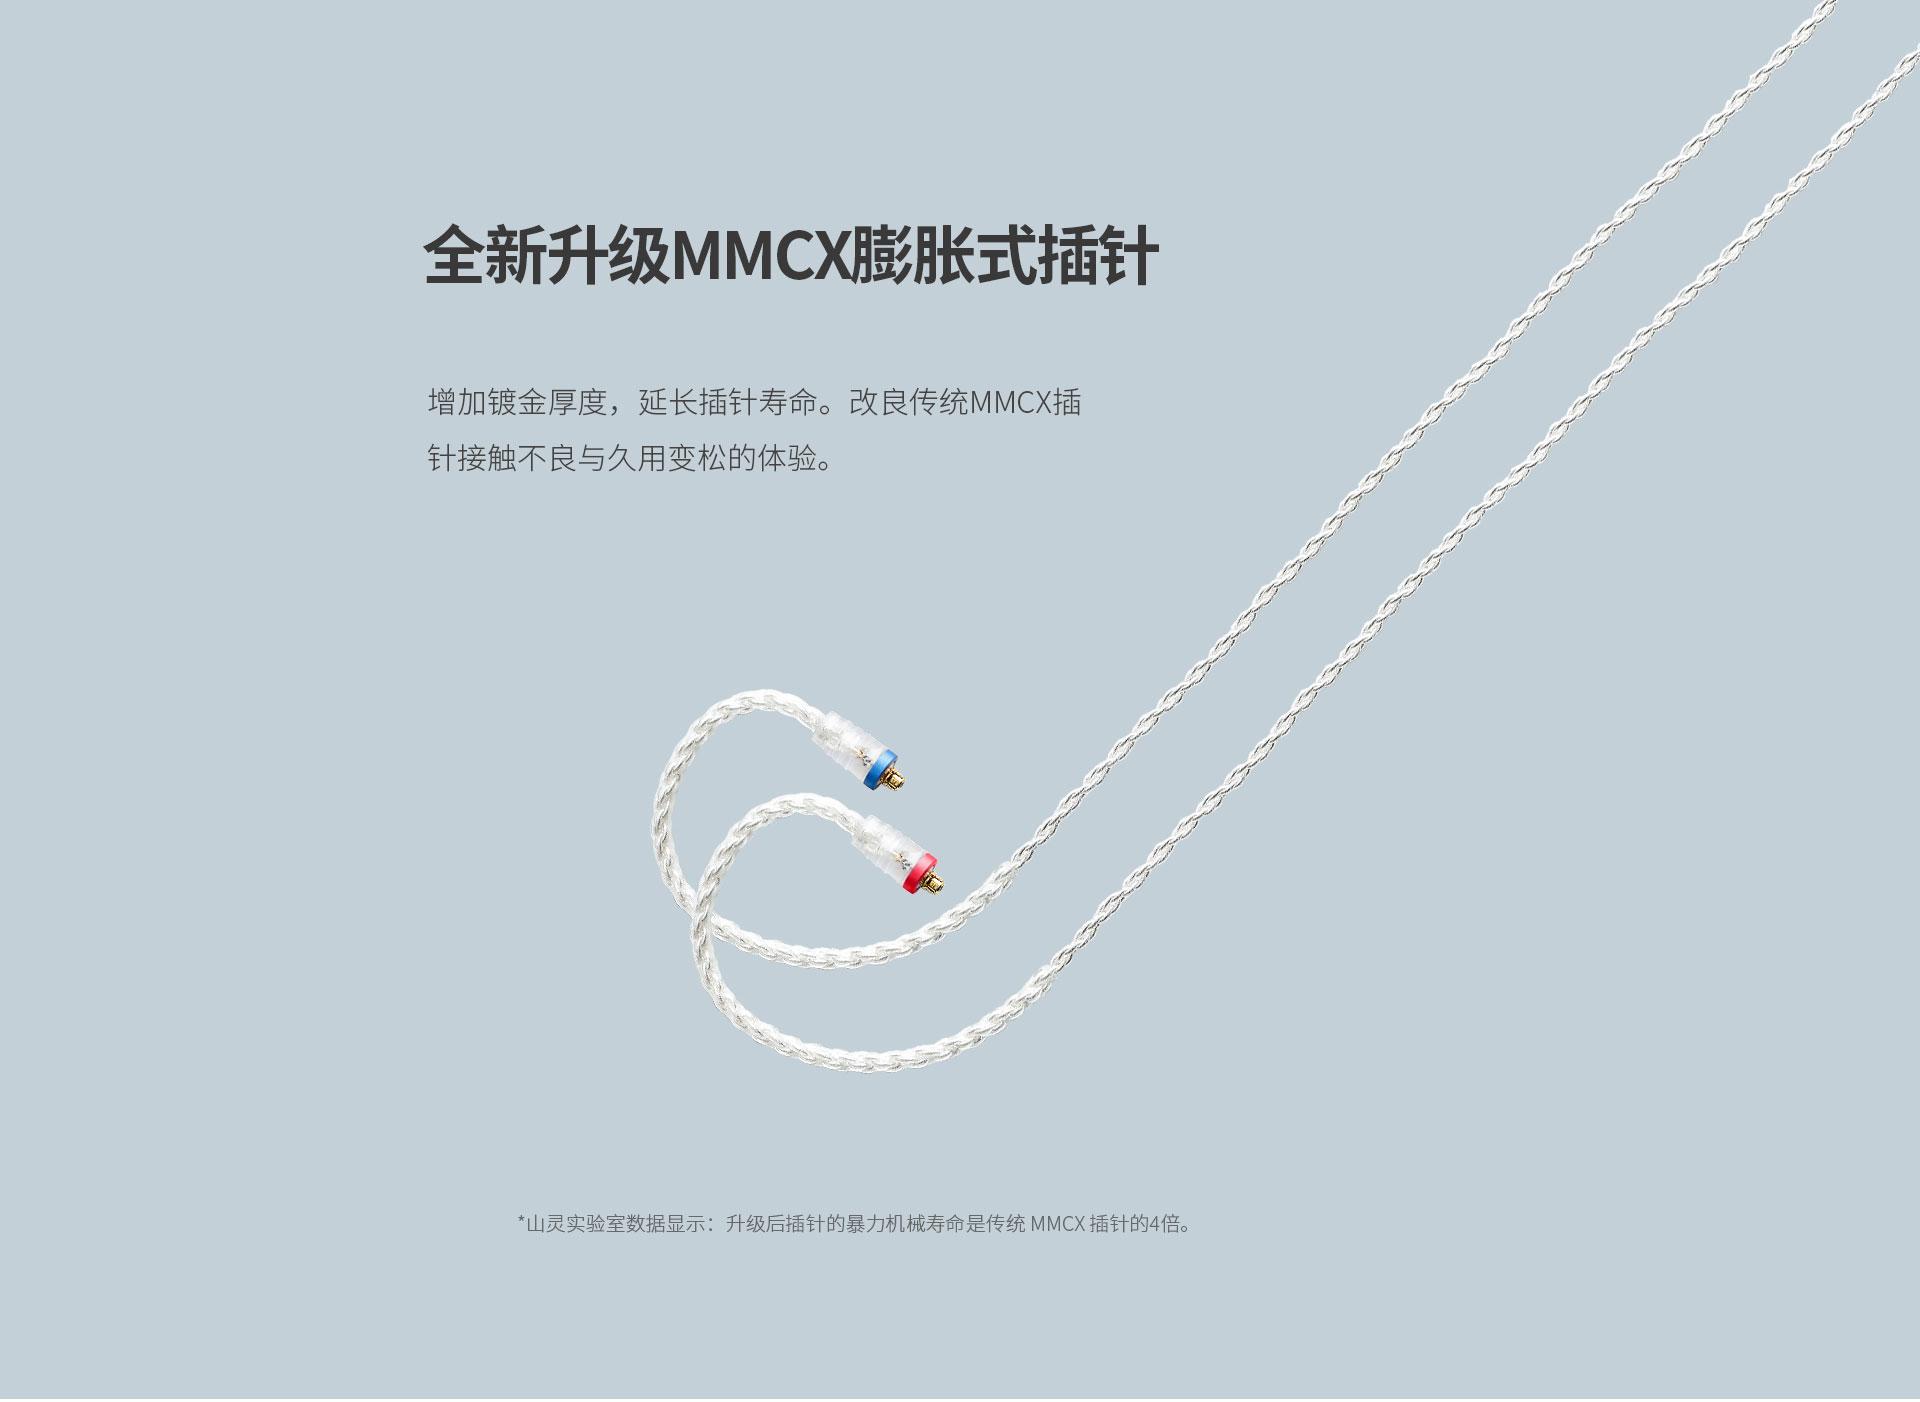 ME500白金版详情---官网_04.jpg